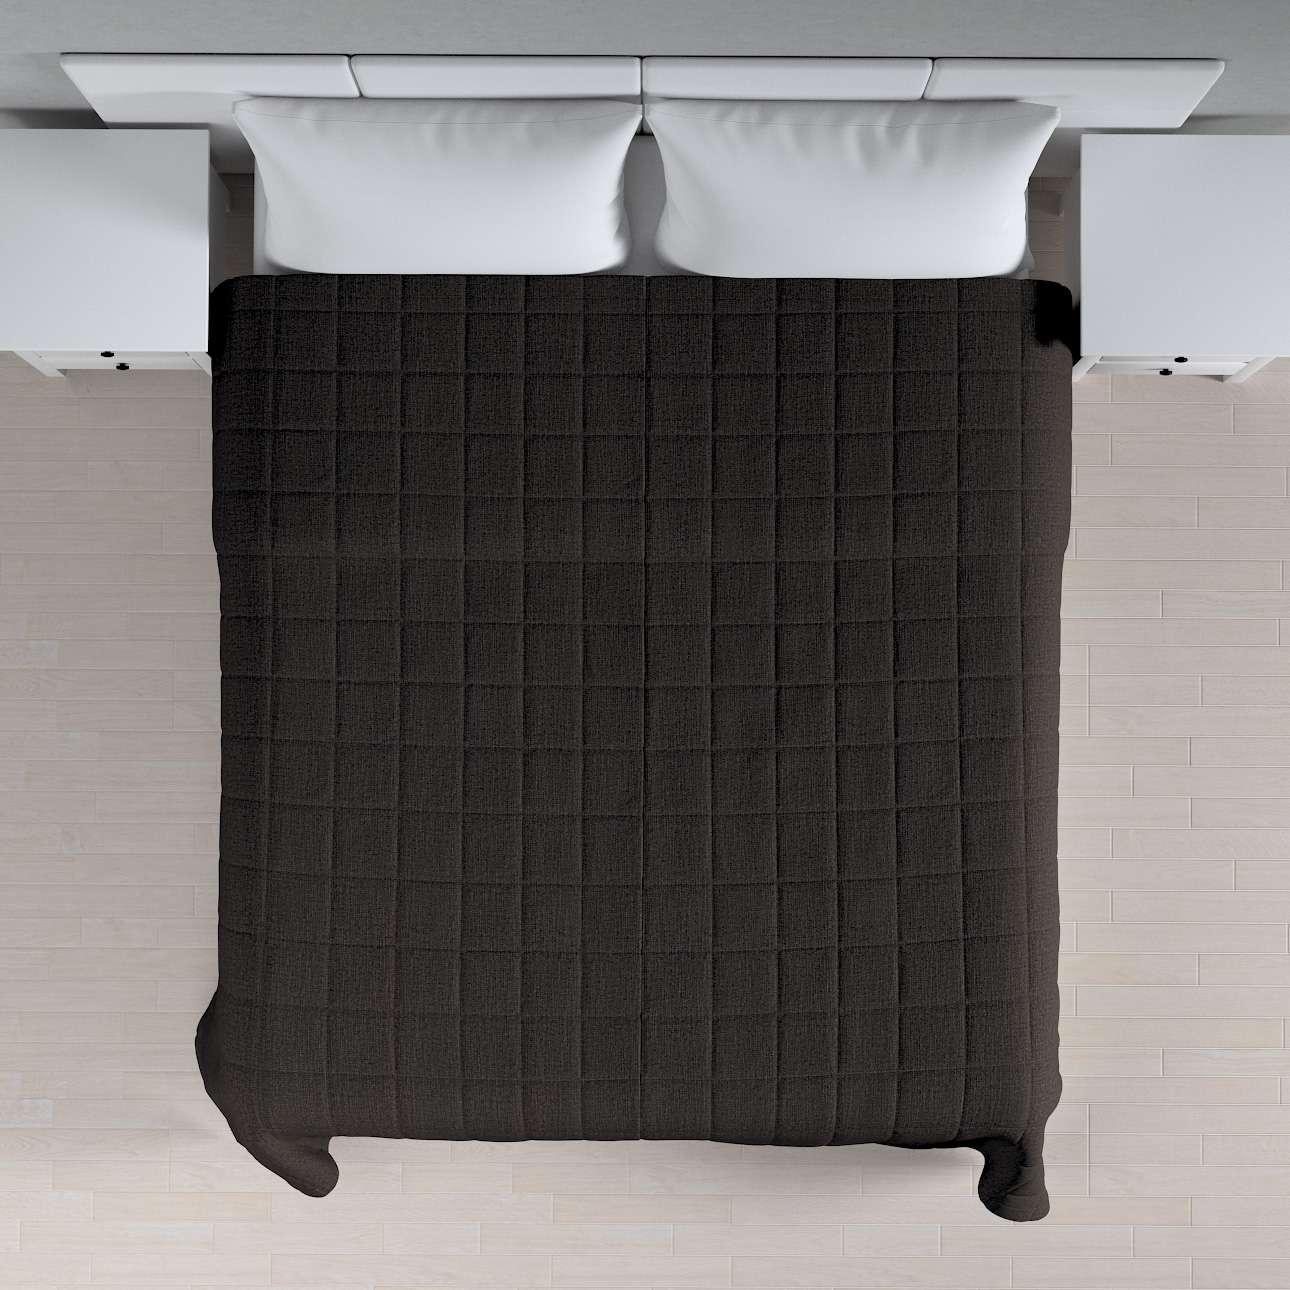 Prehoz prešívaný do štvorcov V kolekcii Etna, tkanina: 702-36